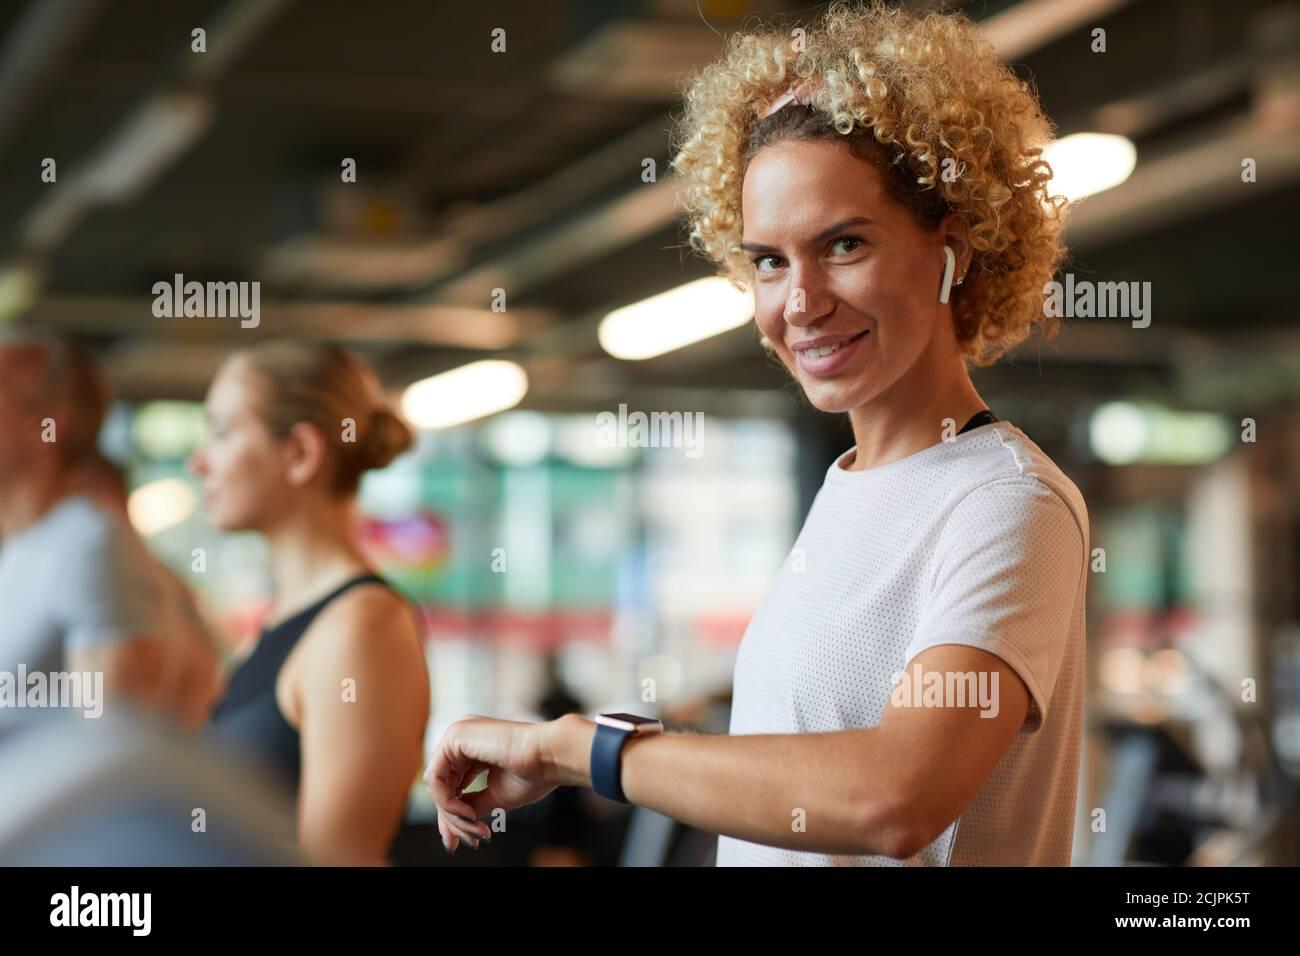 Ritratto di donna matura con capelli ricci che sorridono alla macchina fotografica durante l'allenamento, controlla il polso sull'orologio da polso Foto Stock